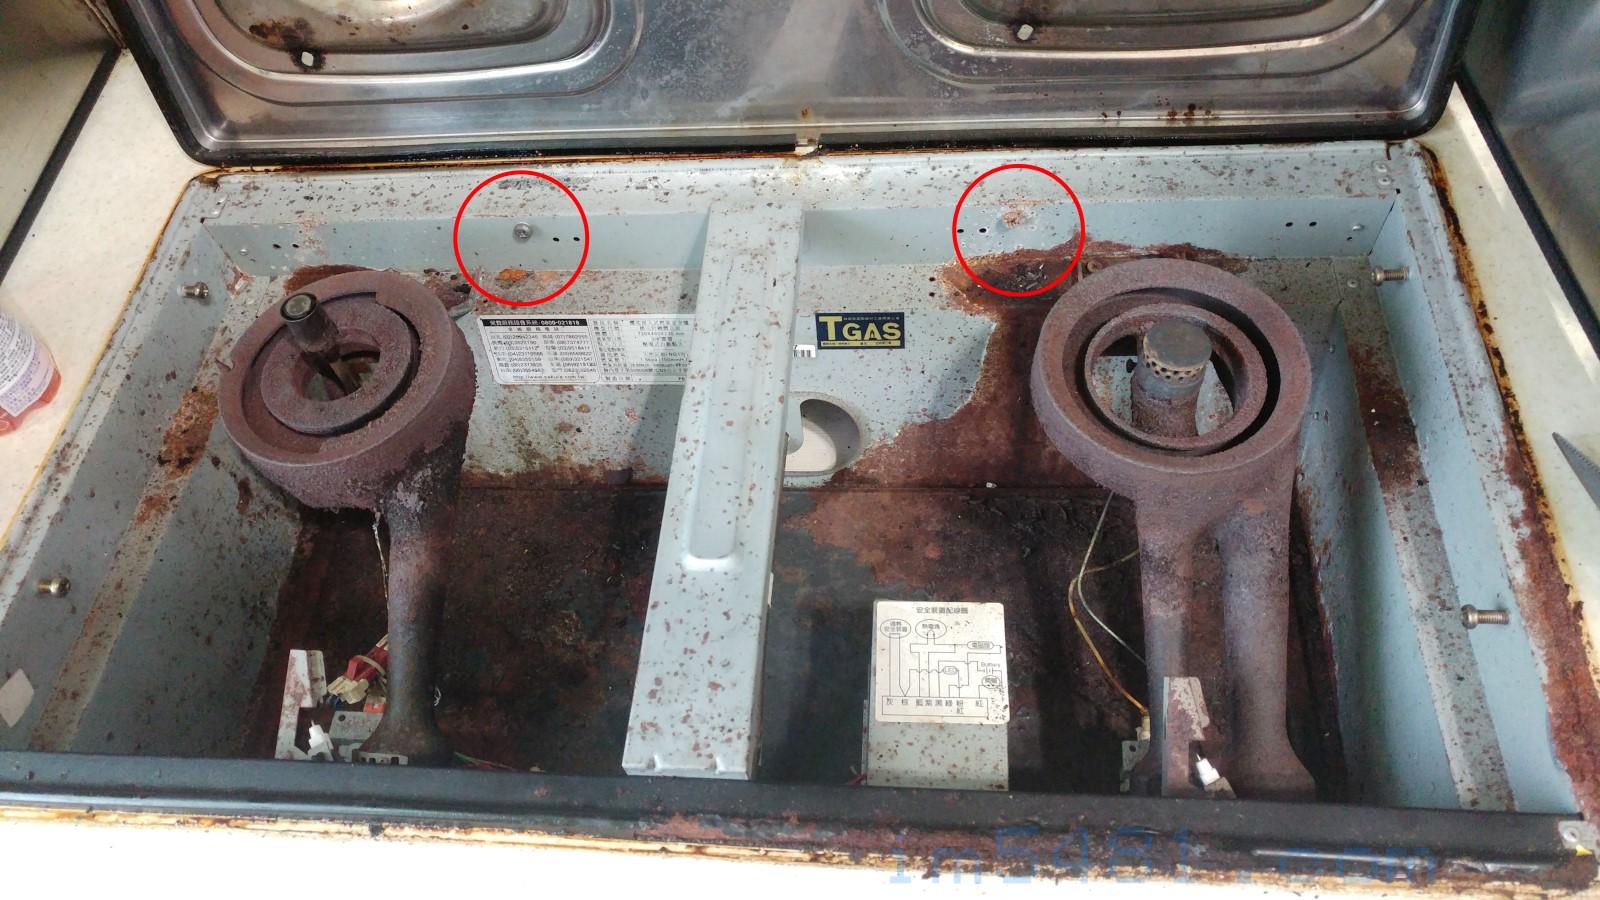 崁入式瓦斯爐只有用了兩個螺絲固定,拔下之後就可以取下瓦斯爐。